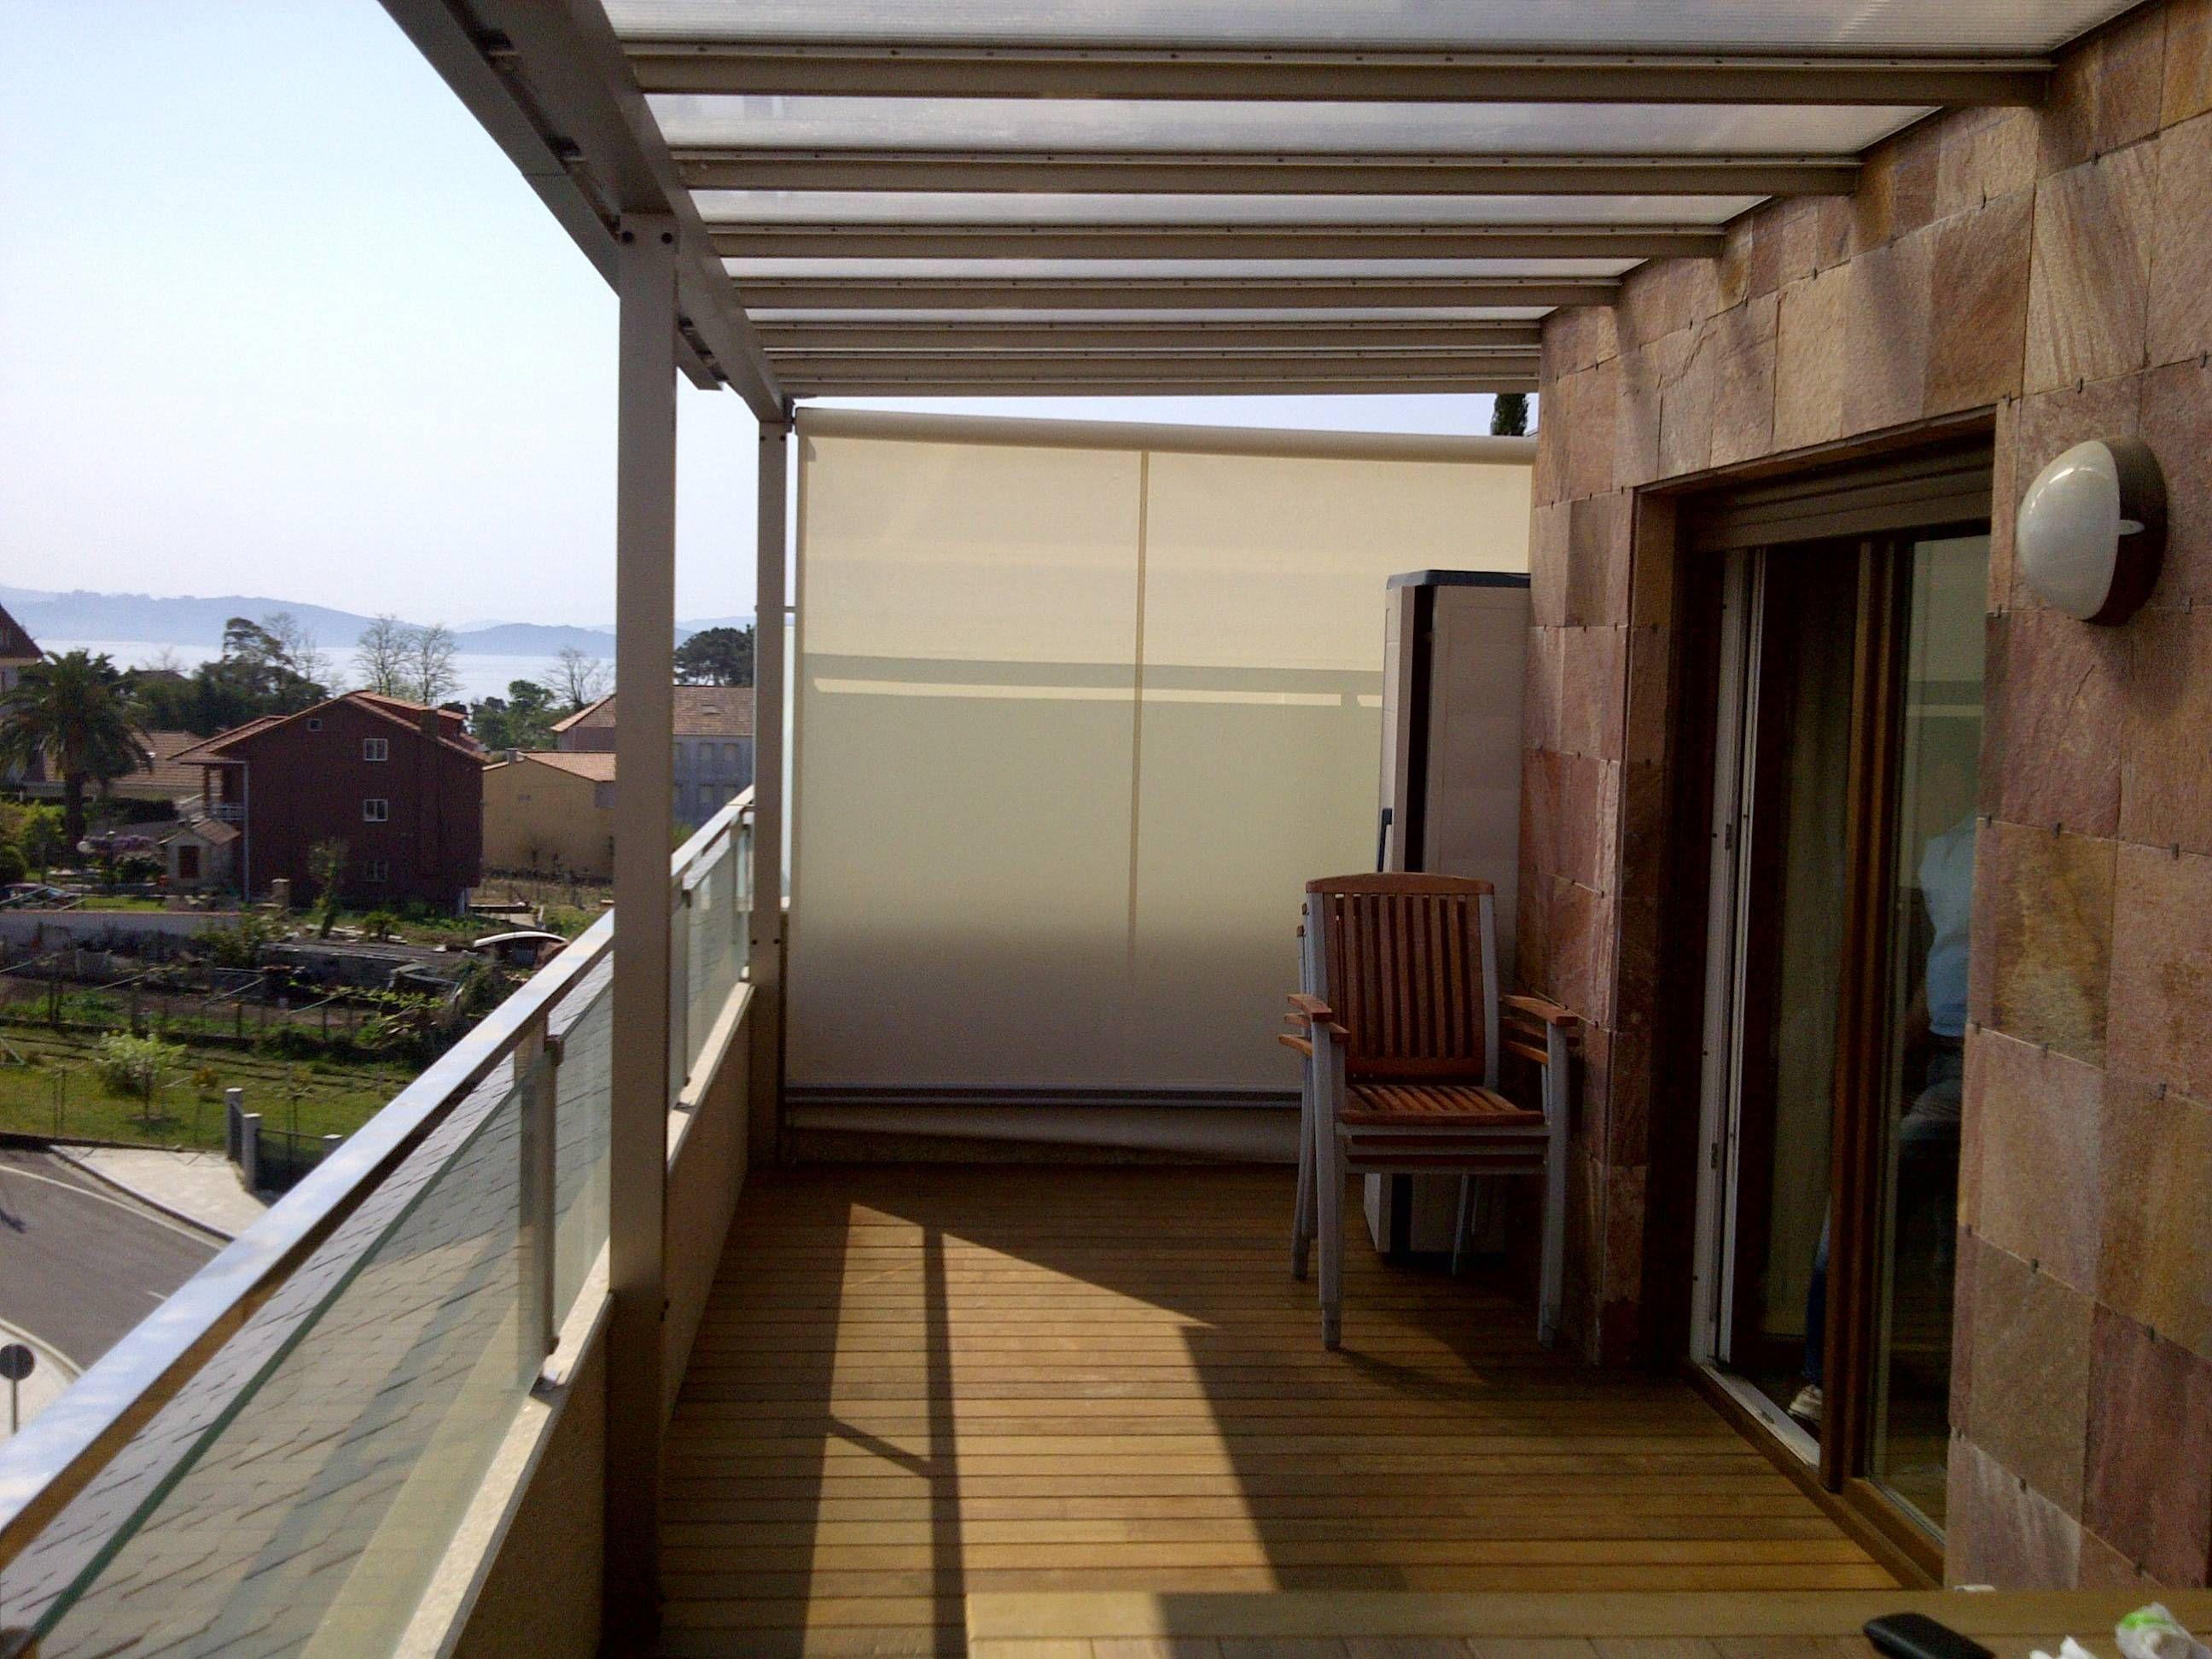 Toldo lateral cortavientos en terraza sistemas de - Cortavientos terraza ...